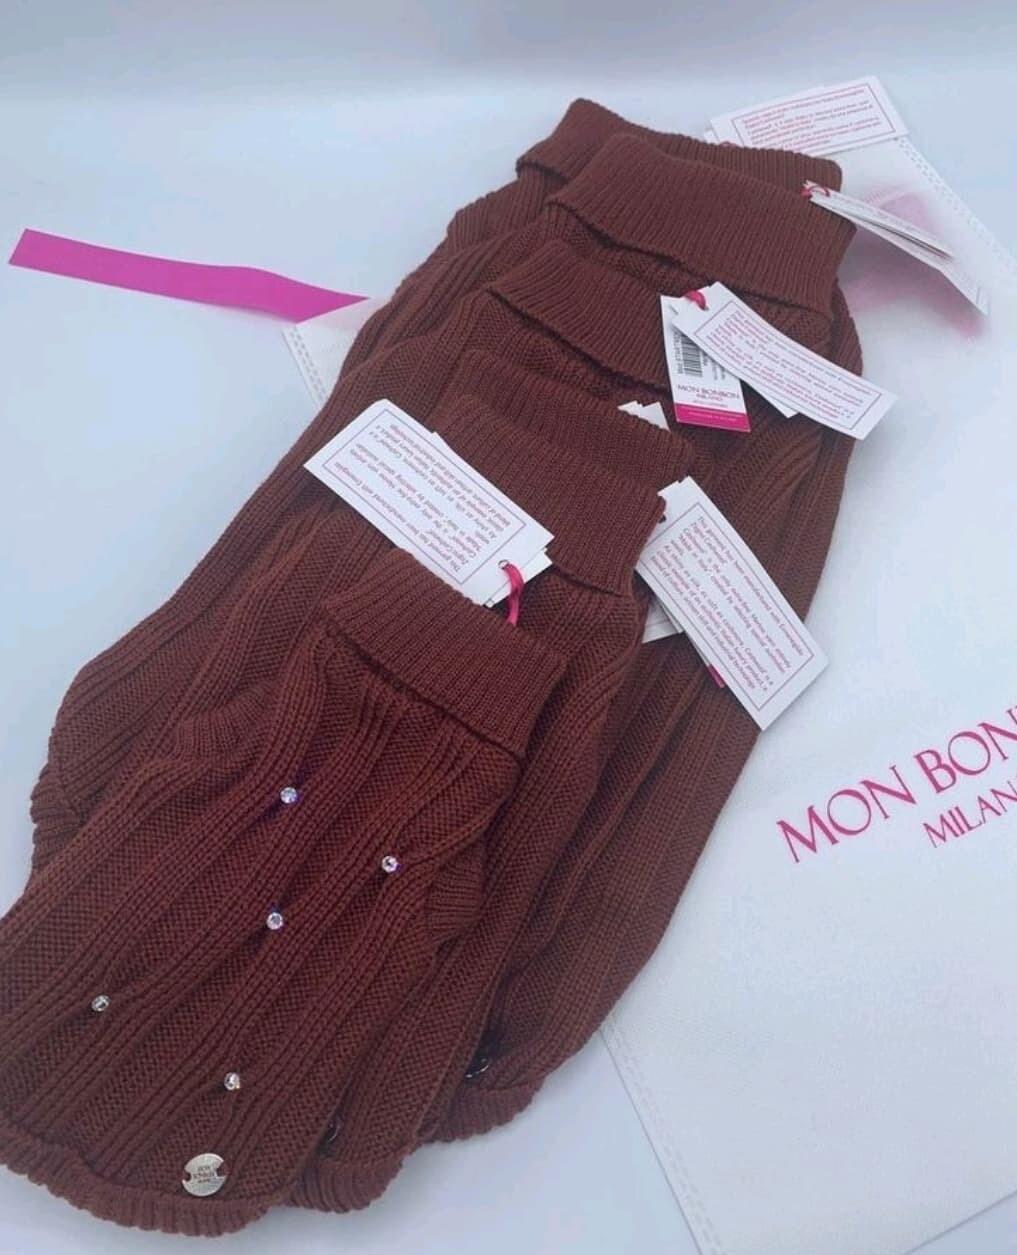 Mon Bonbon Sweaters - Pakket 2 XS/S/SM/M/L/XL